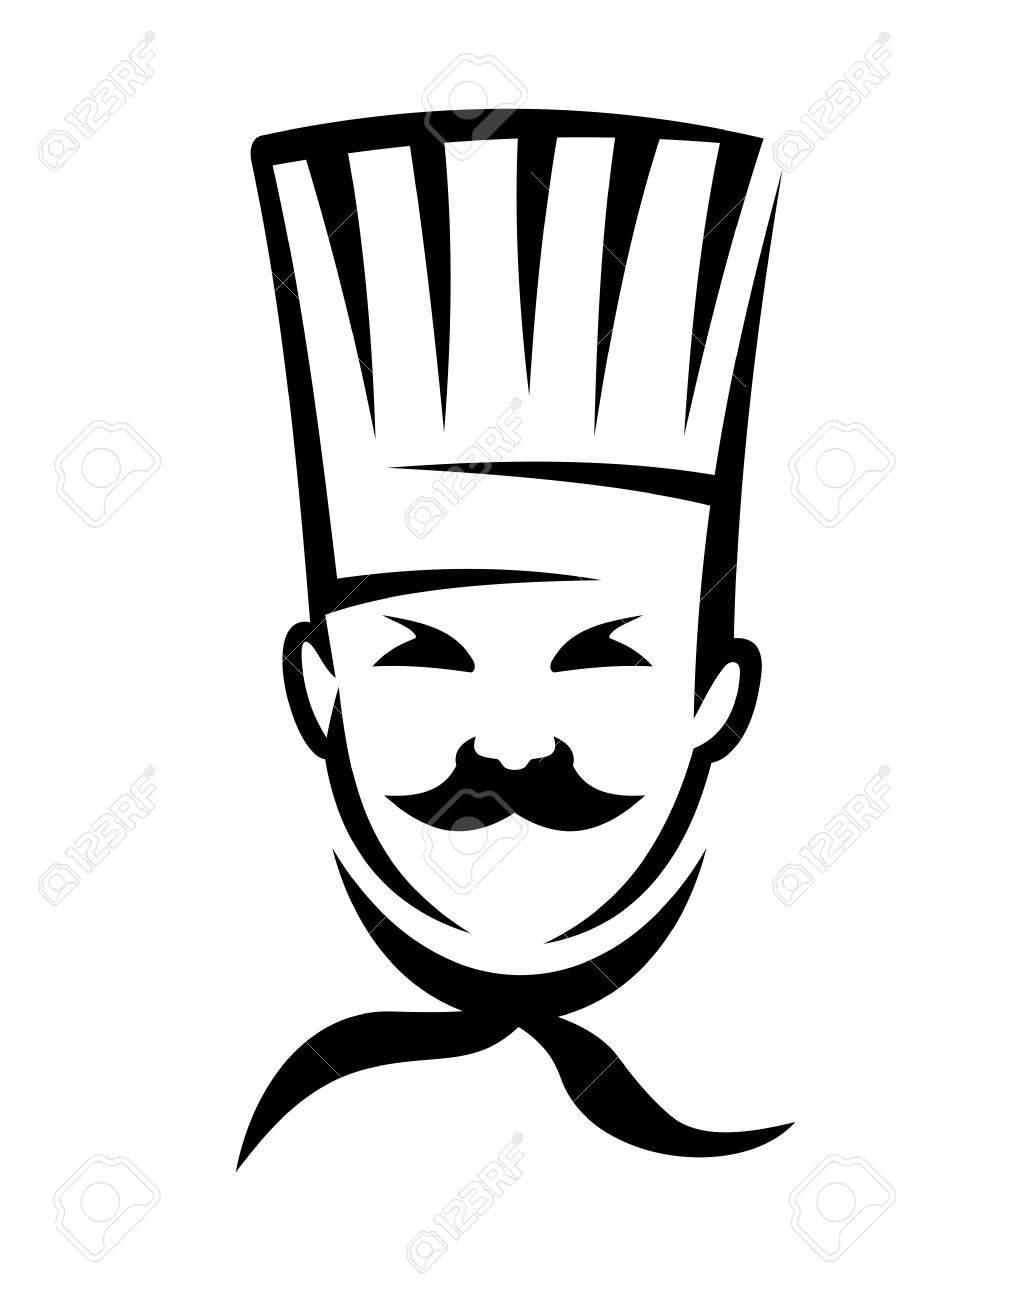 Deutsch Küche Chef Mit Einem Hut Und Schnurrbart In Schwarz Und Weiß ...